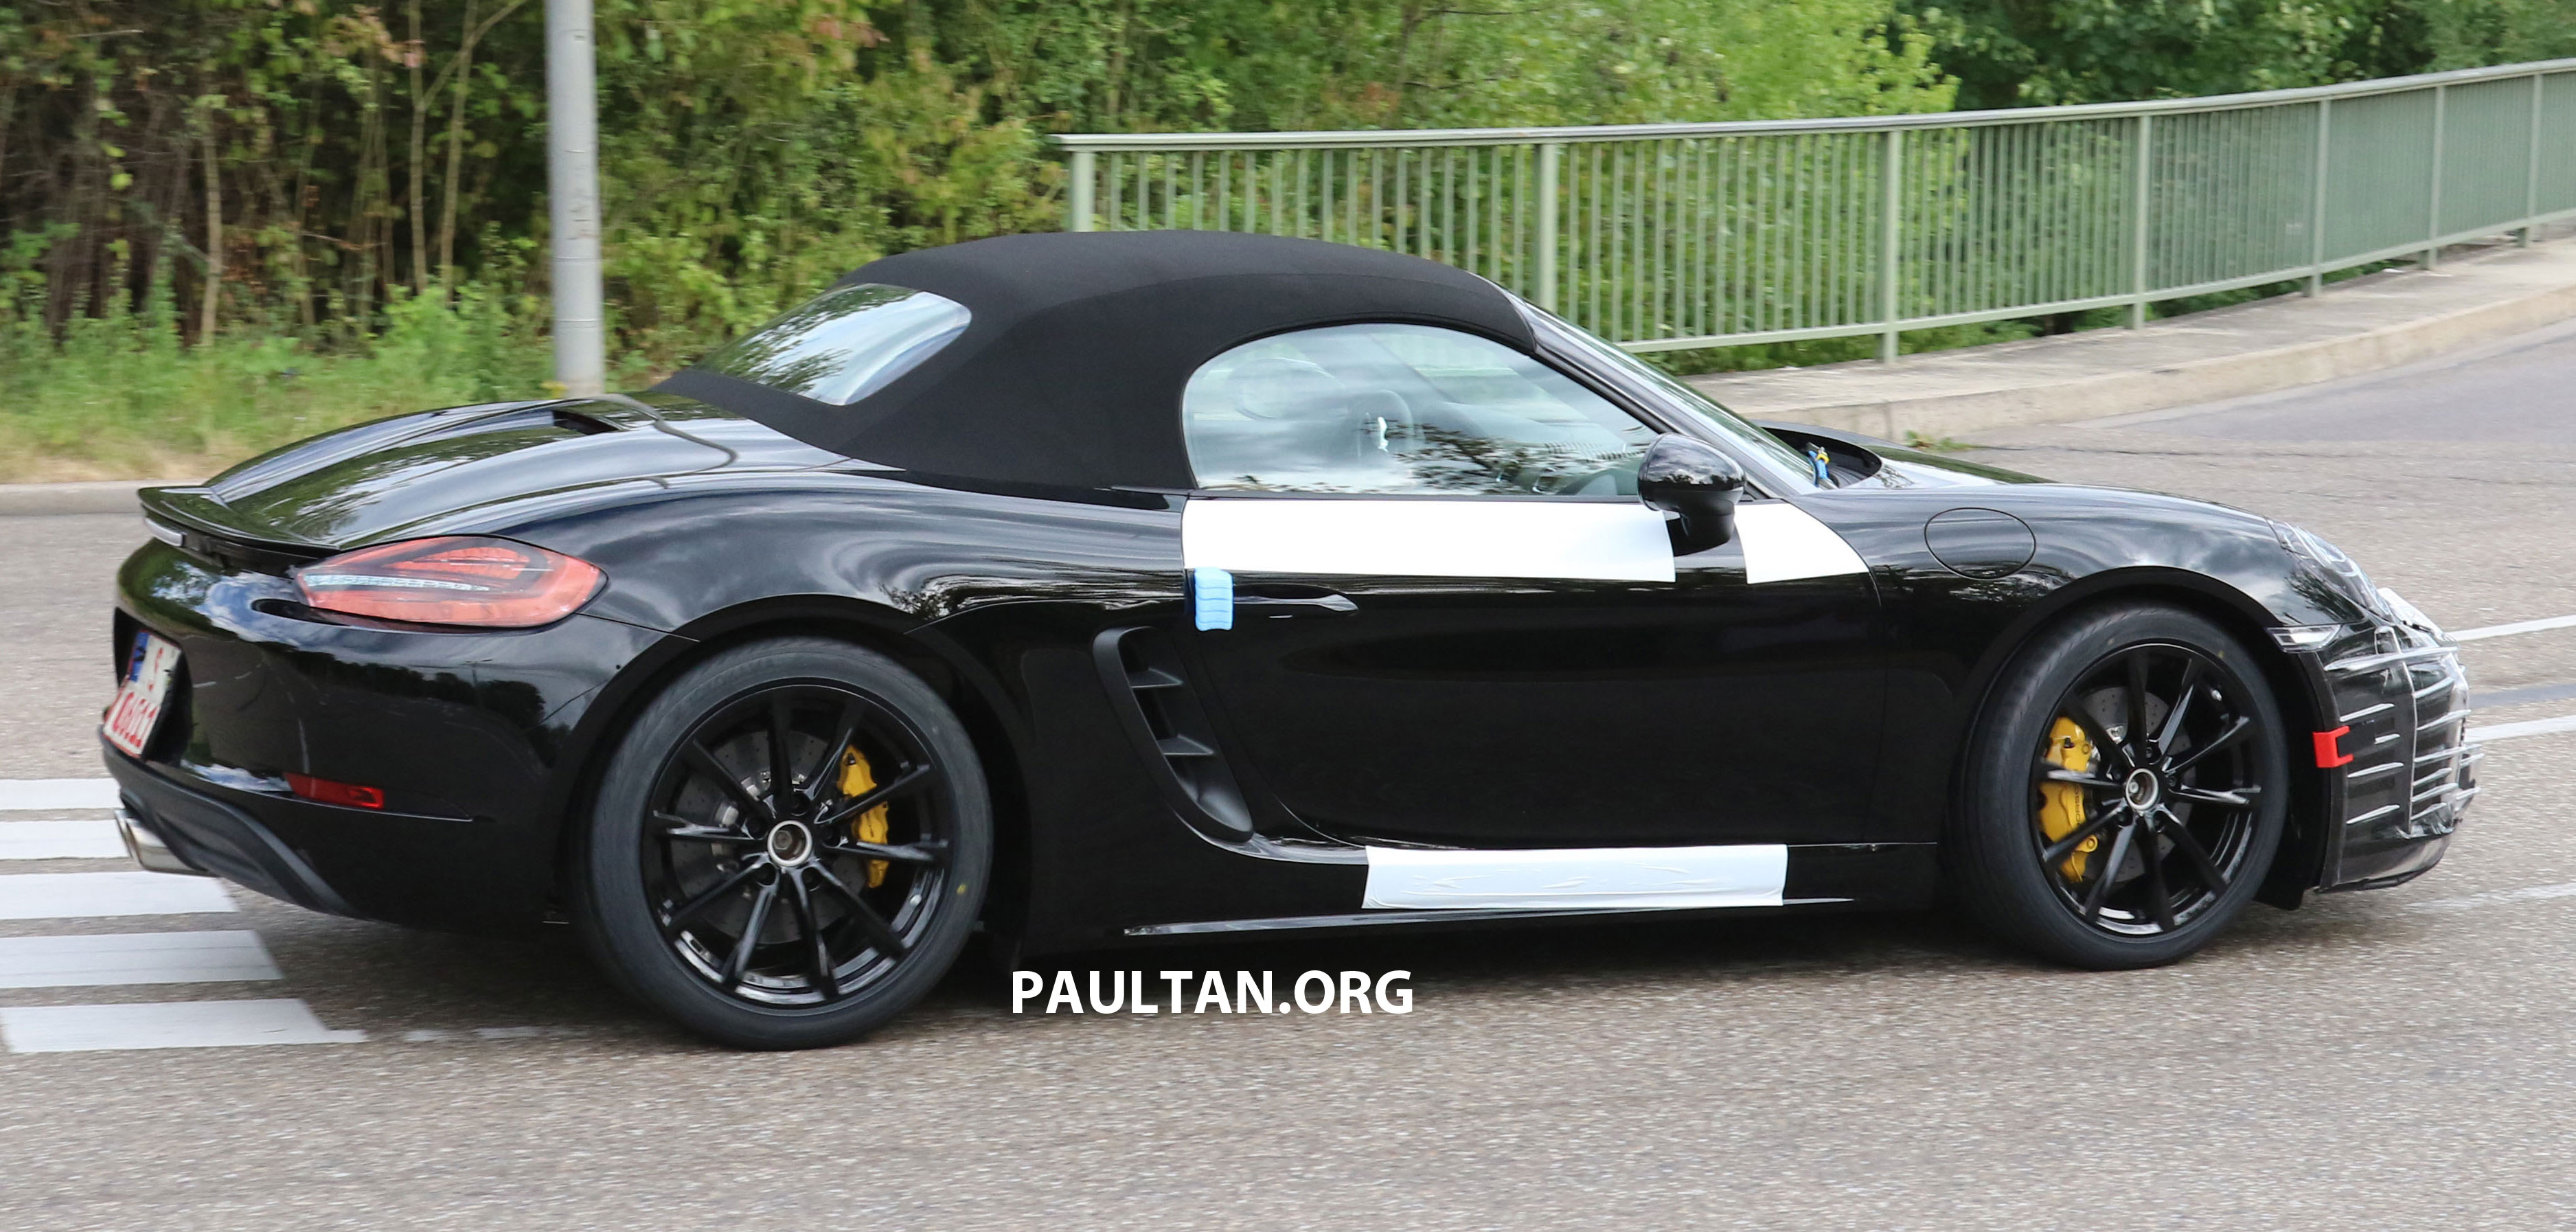 Spyshots 2016 Porsche Boxster Facelift Drops Camo Paul